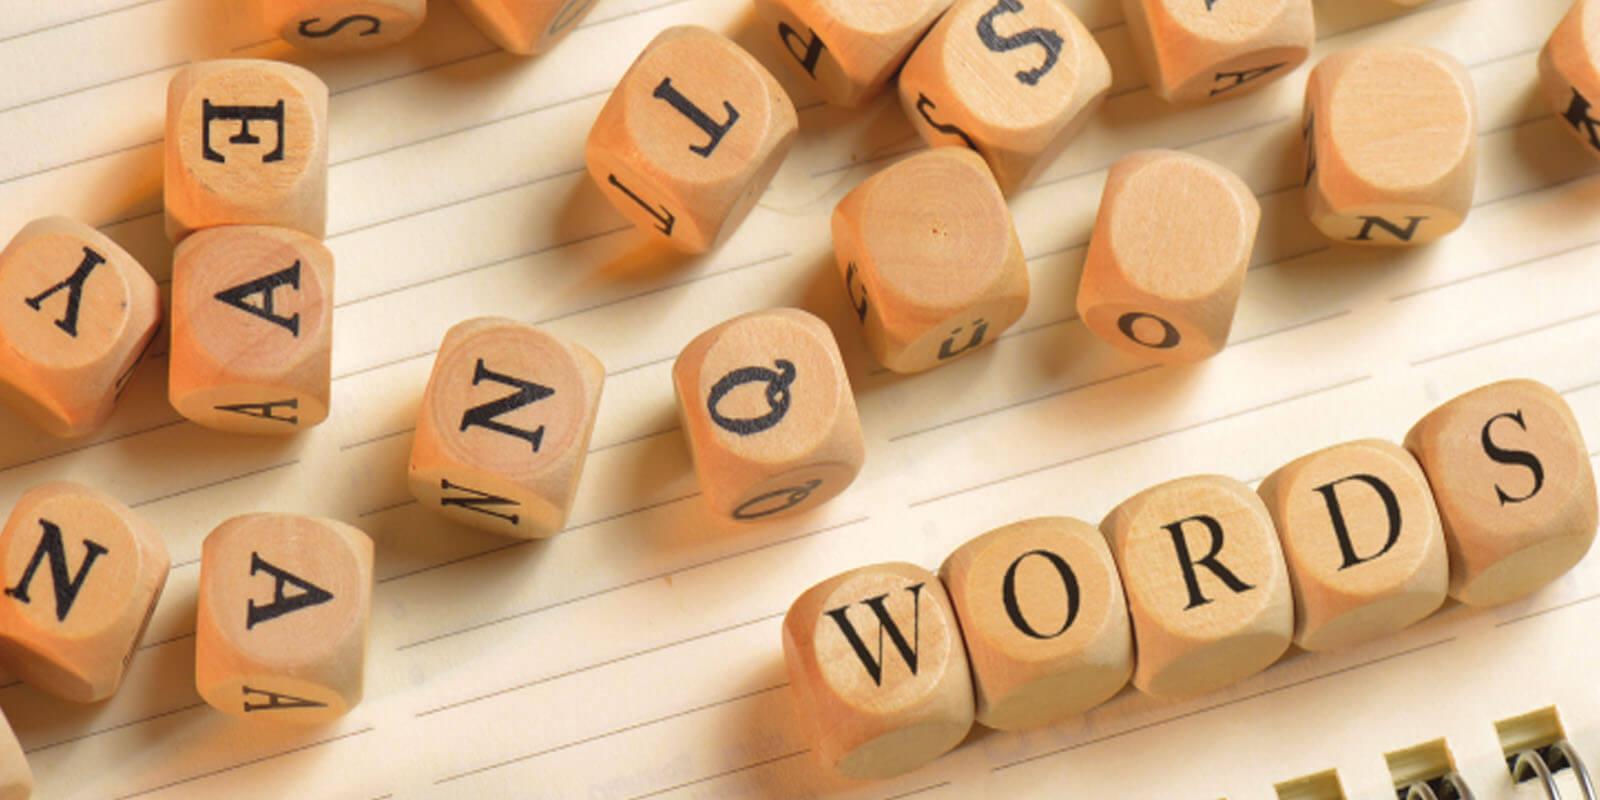 بهترین-روش-یادگیری-کلمات-جدید-در-زبان-انگلیسی